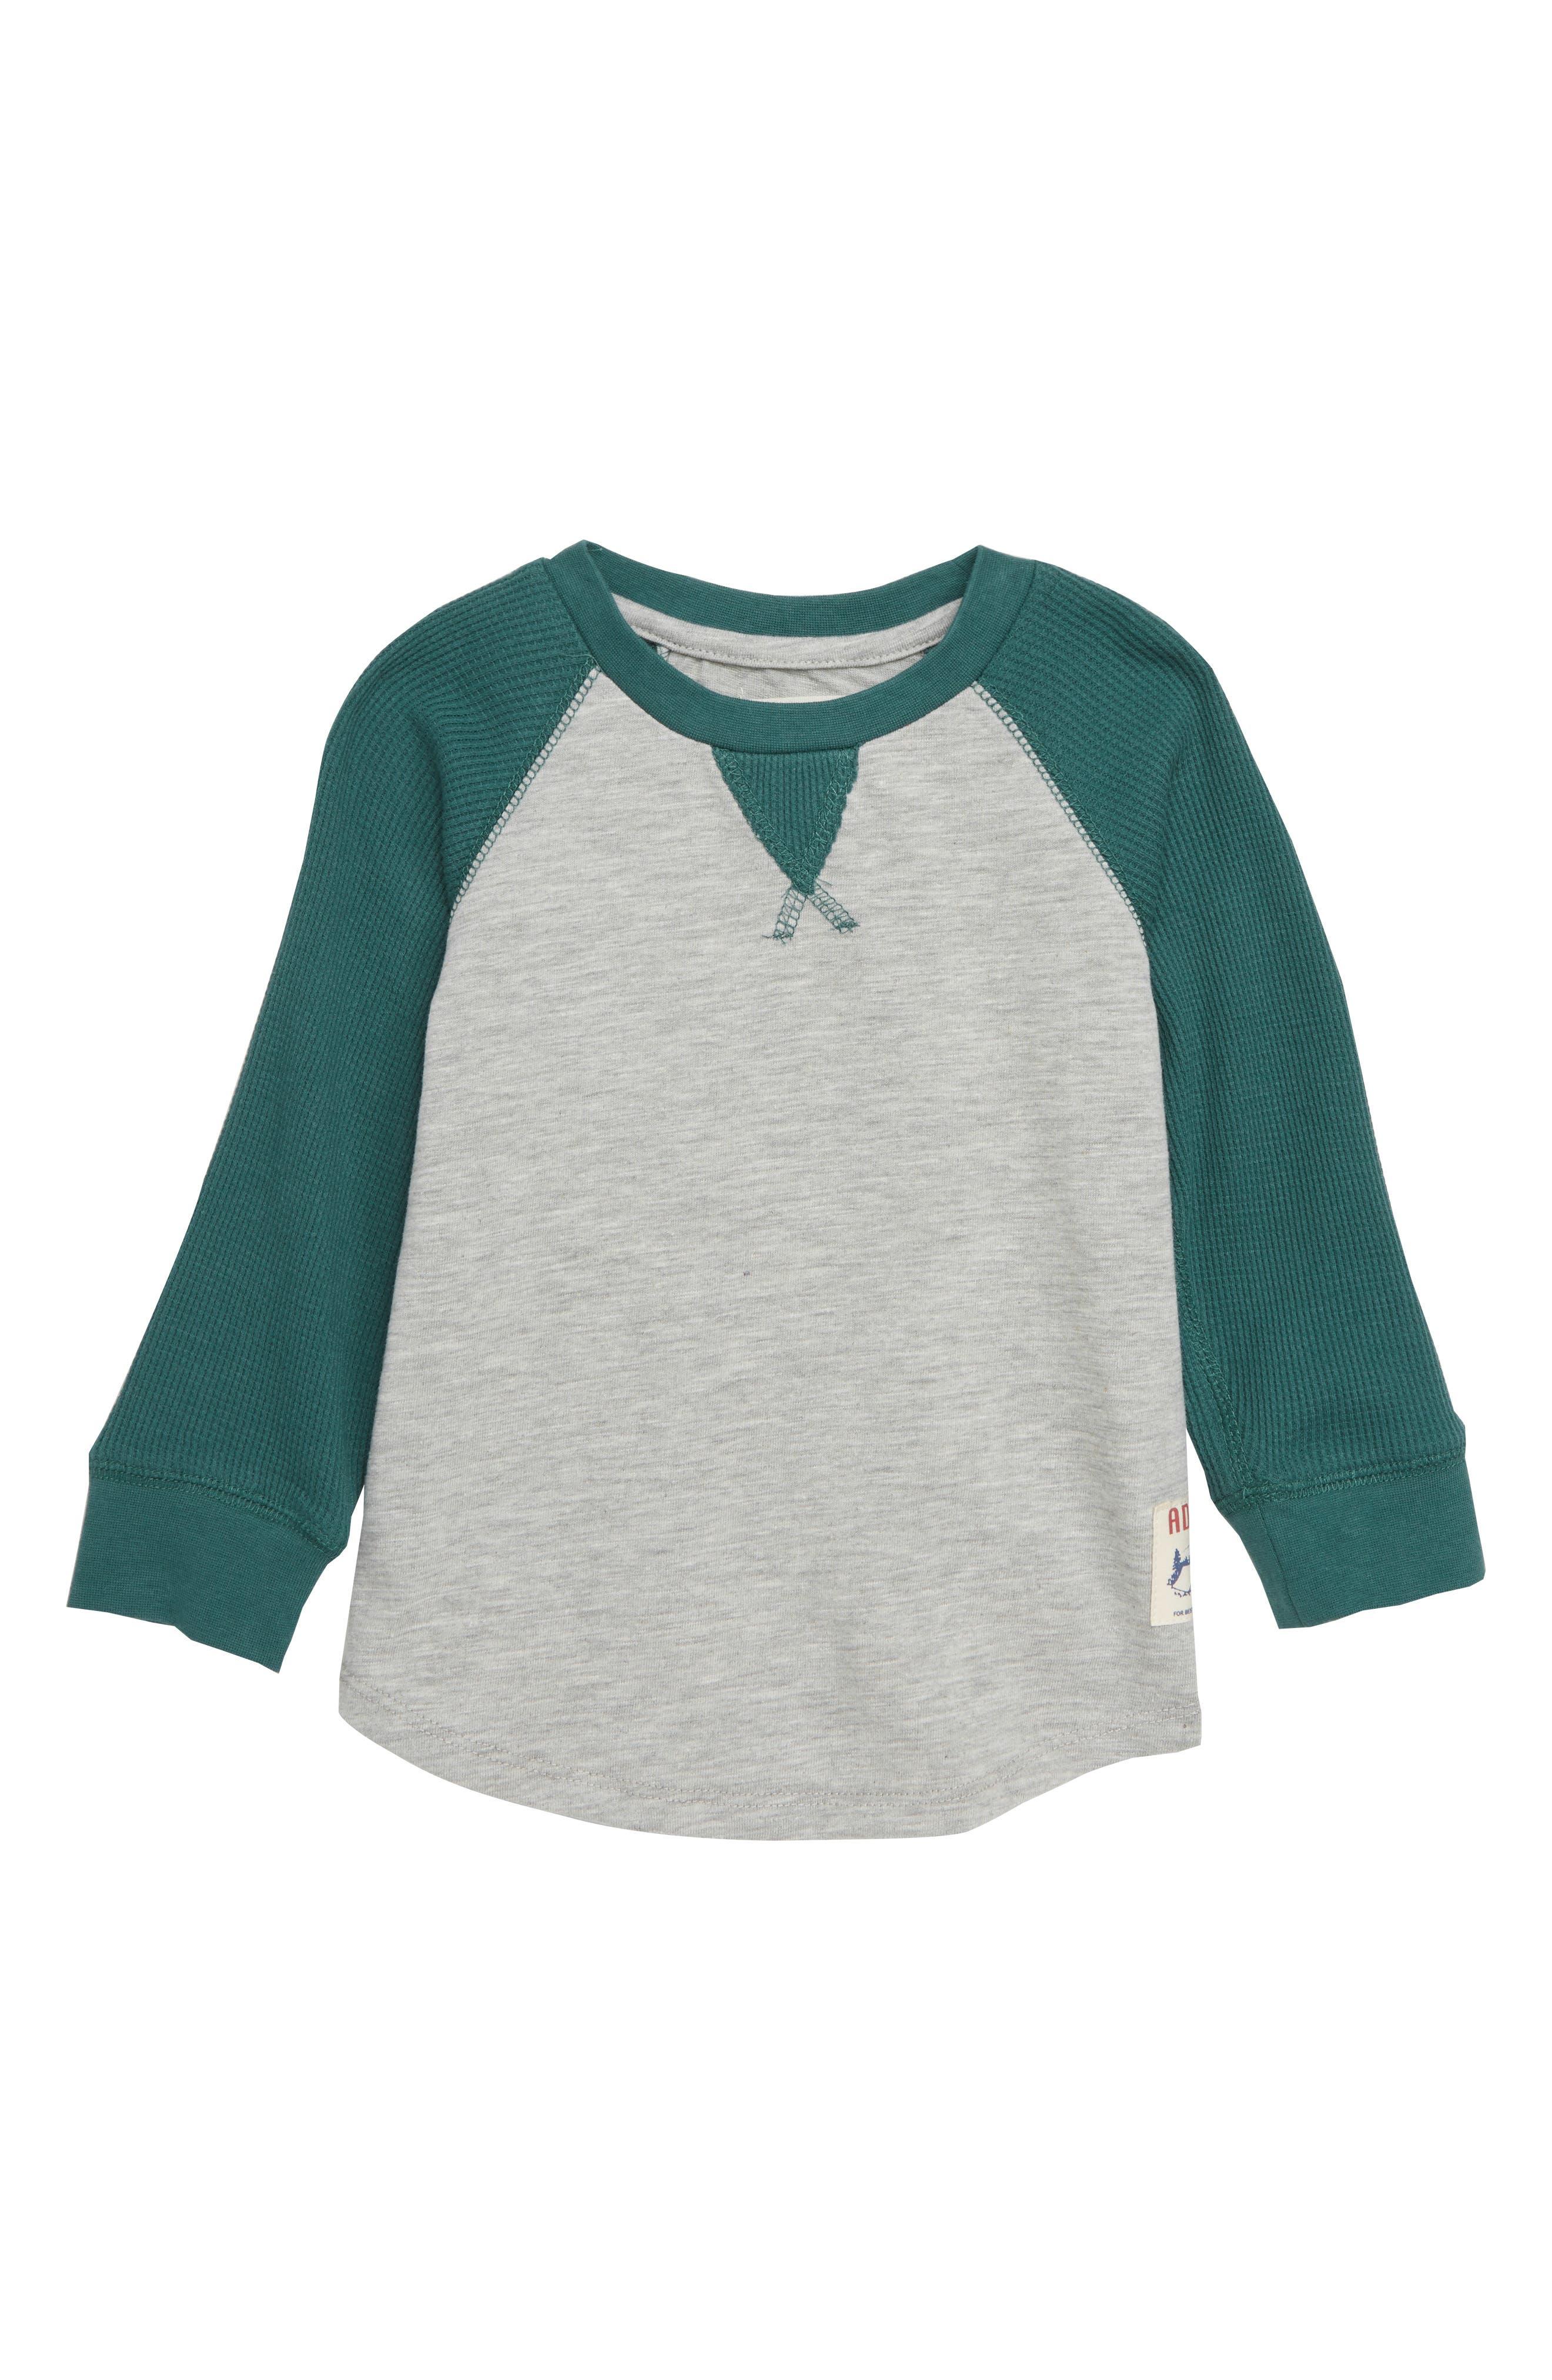 Mixed Knit Raglan T-Shirt,                             Main thumbnail 1, color,                             GREEN